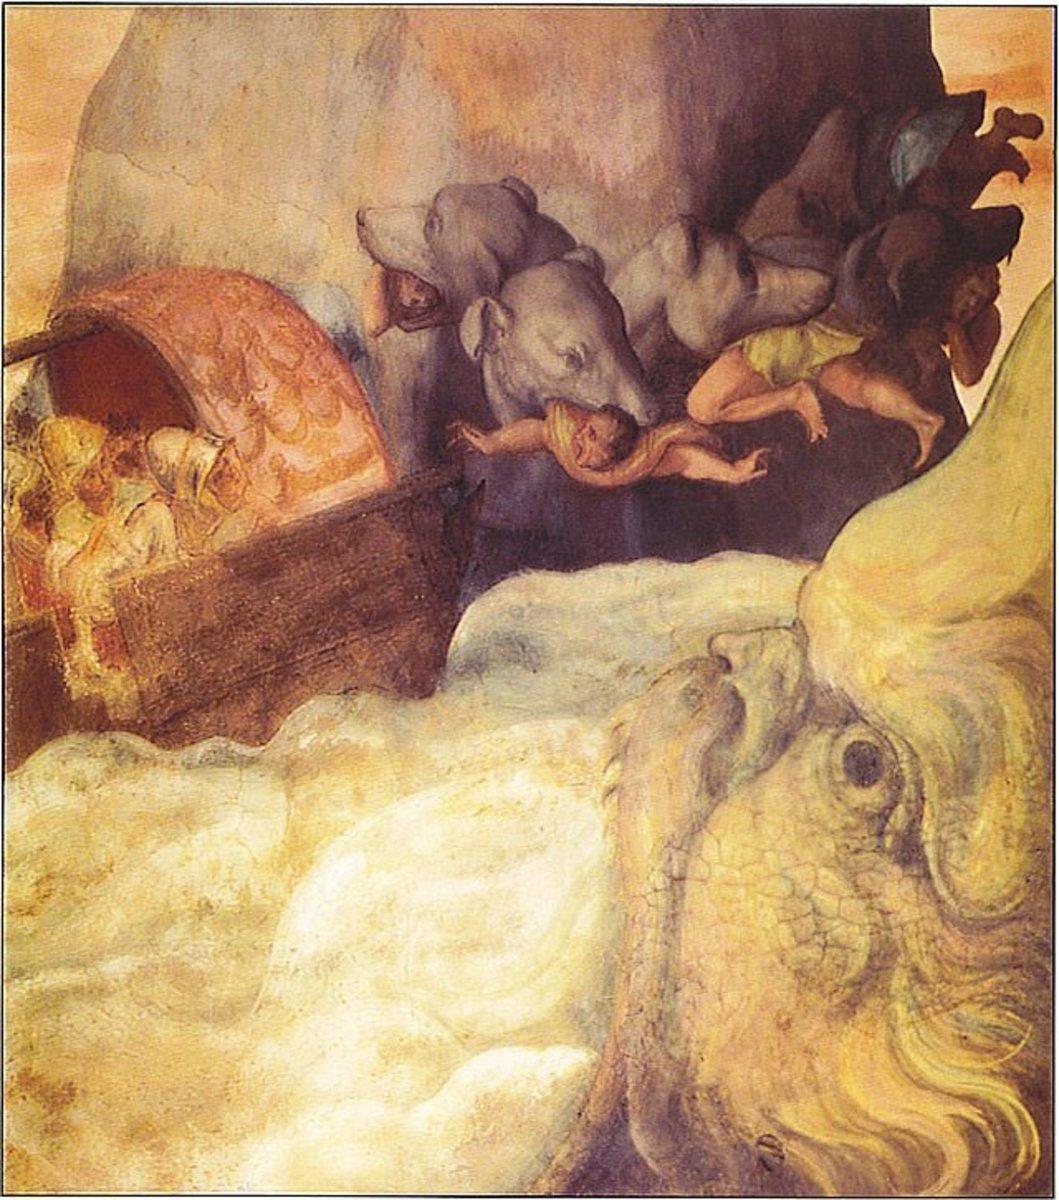 Scylla and Charybdis: Monsters of Greek mythology